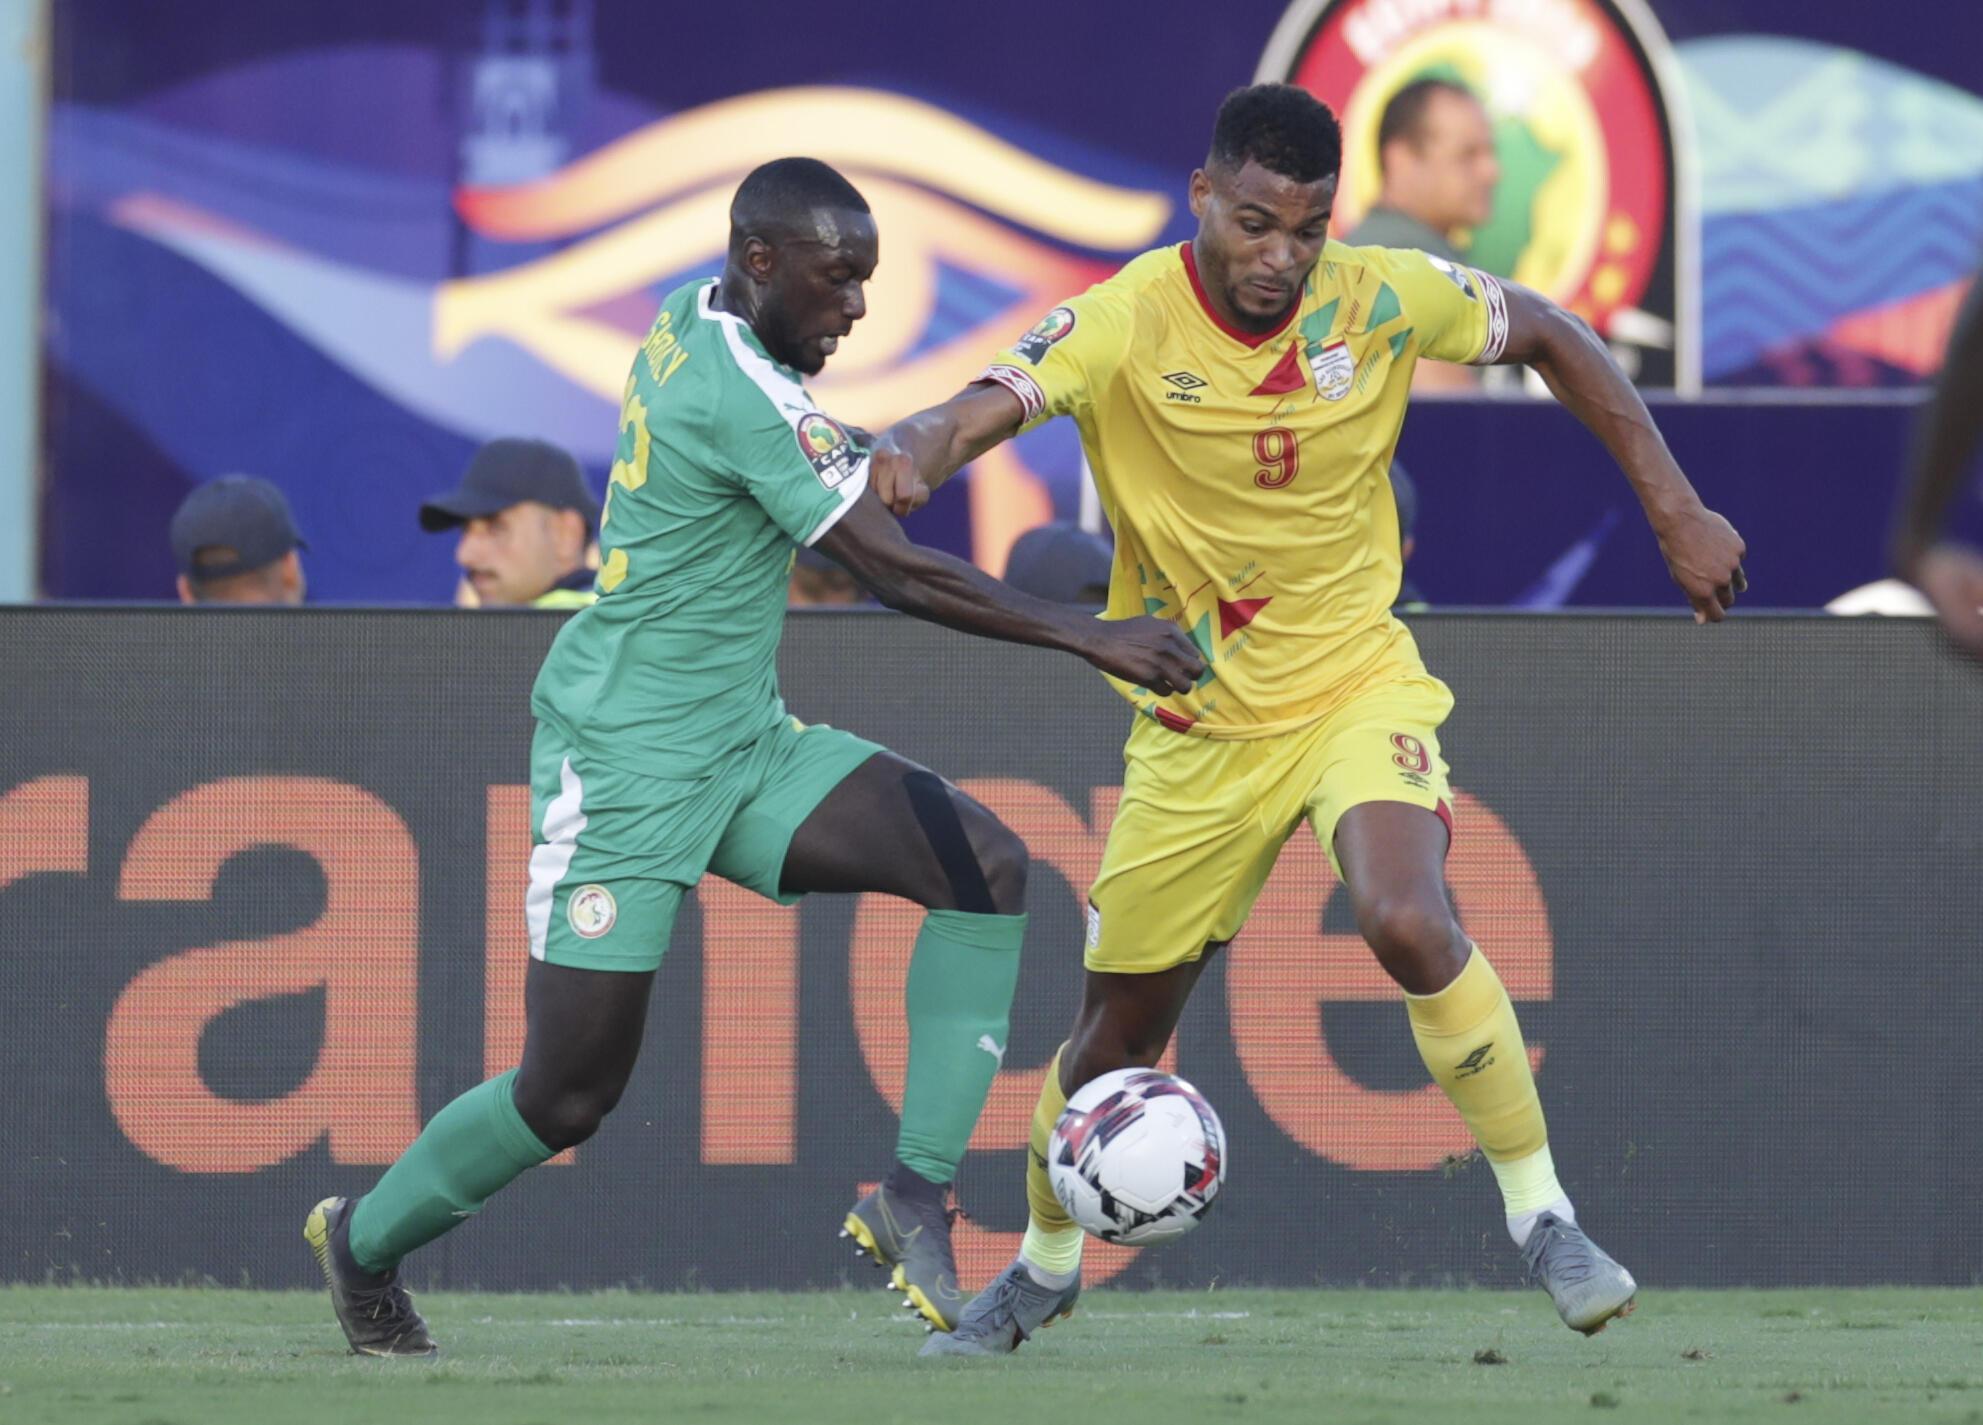 PHOTO Sénégal-Bénin 2019 - Youssouf Sabaly & Steve Mounié